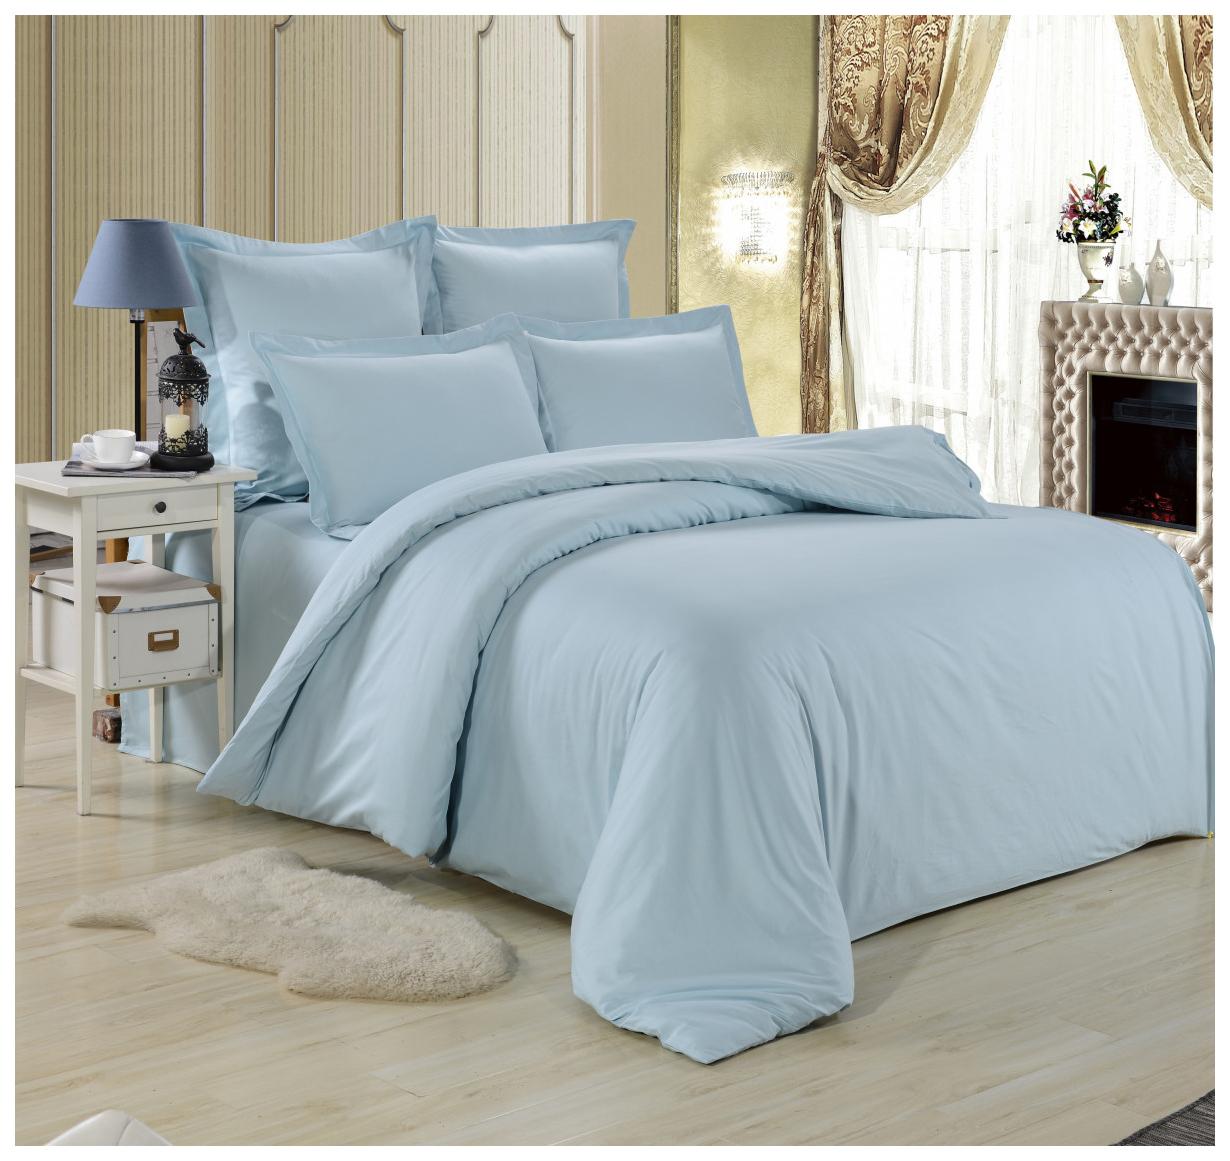 Комплект постельного белья Valtery Jamey LS-21 евро